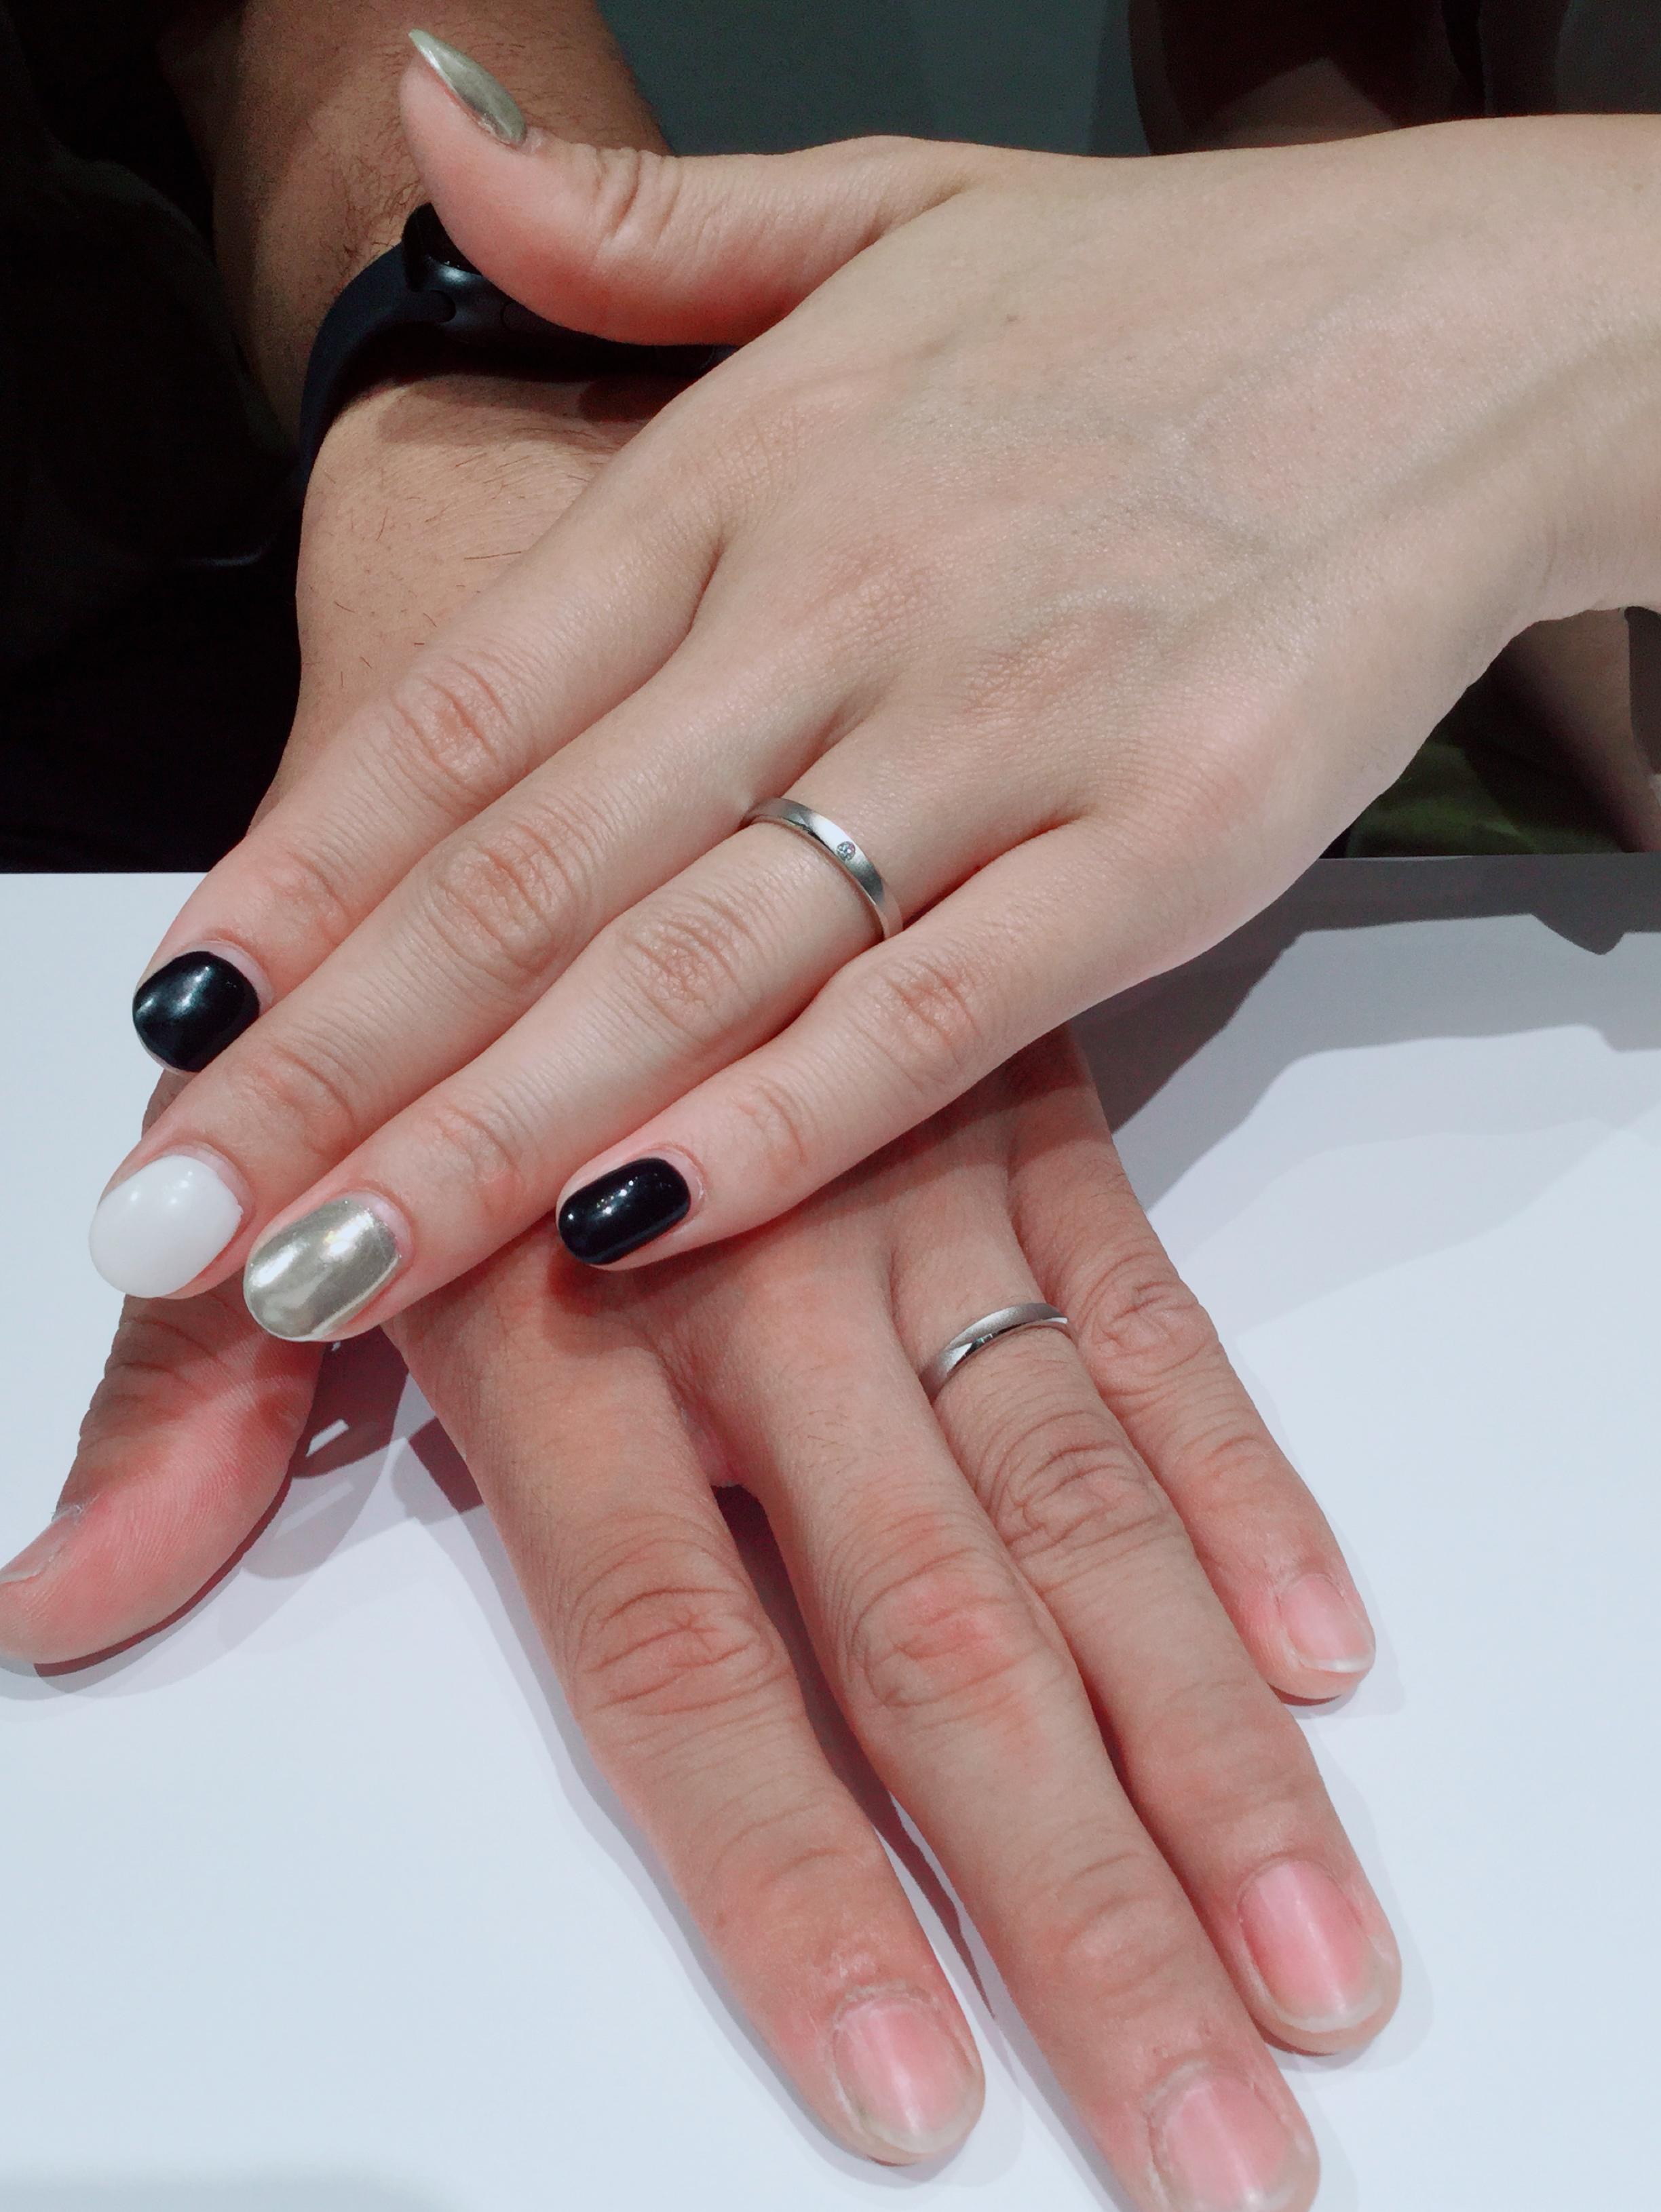 マット(つや消し)の結婚指輪 ラザールダイヤモンドをご成約 新潟県三条T様・M様